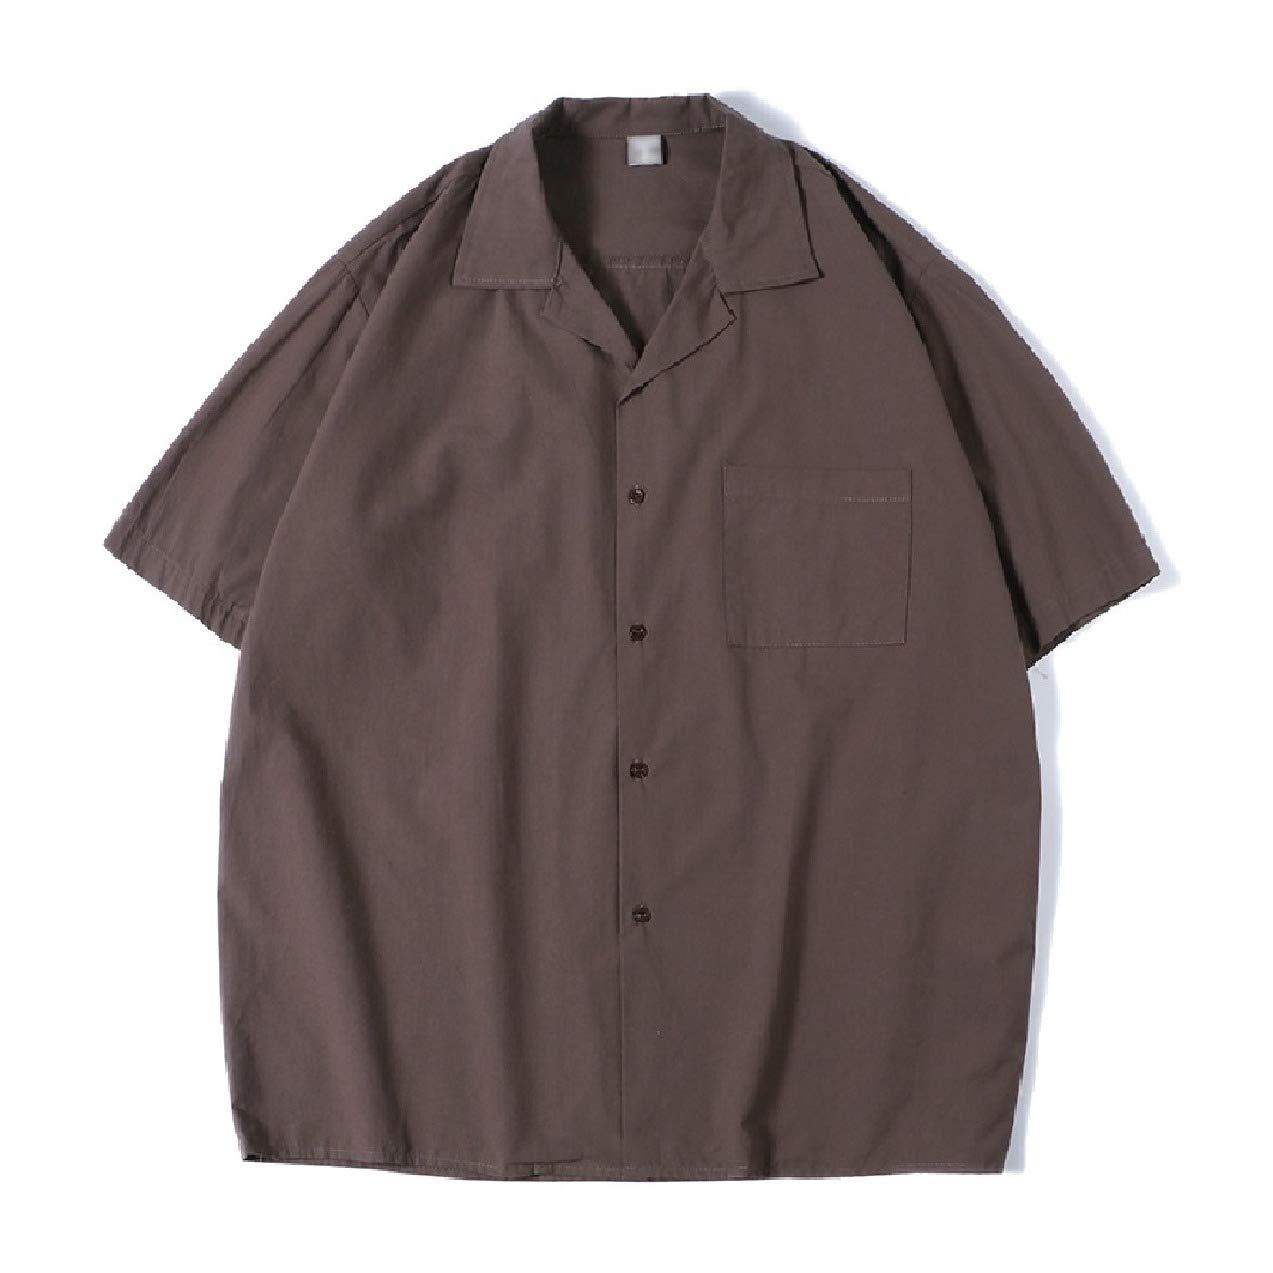 Zimaes-Men Summer Baggy Botton Front Short Sleeve Classic Woven Shirt